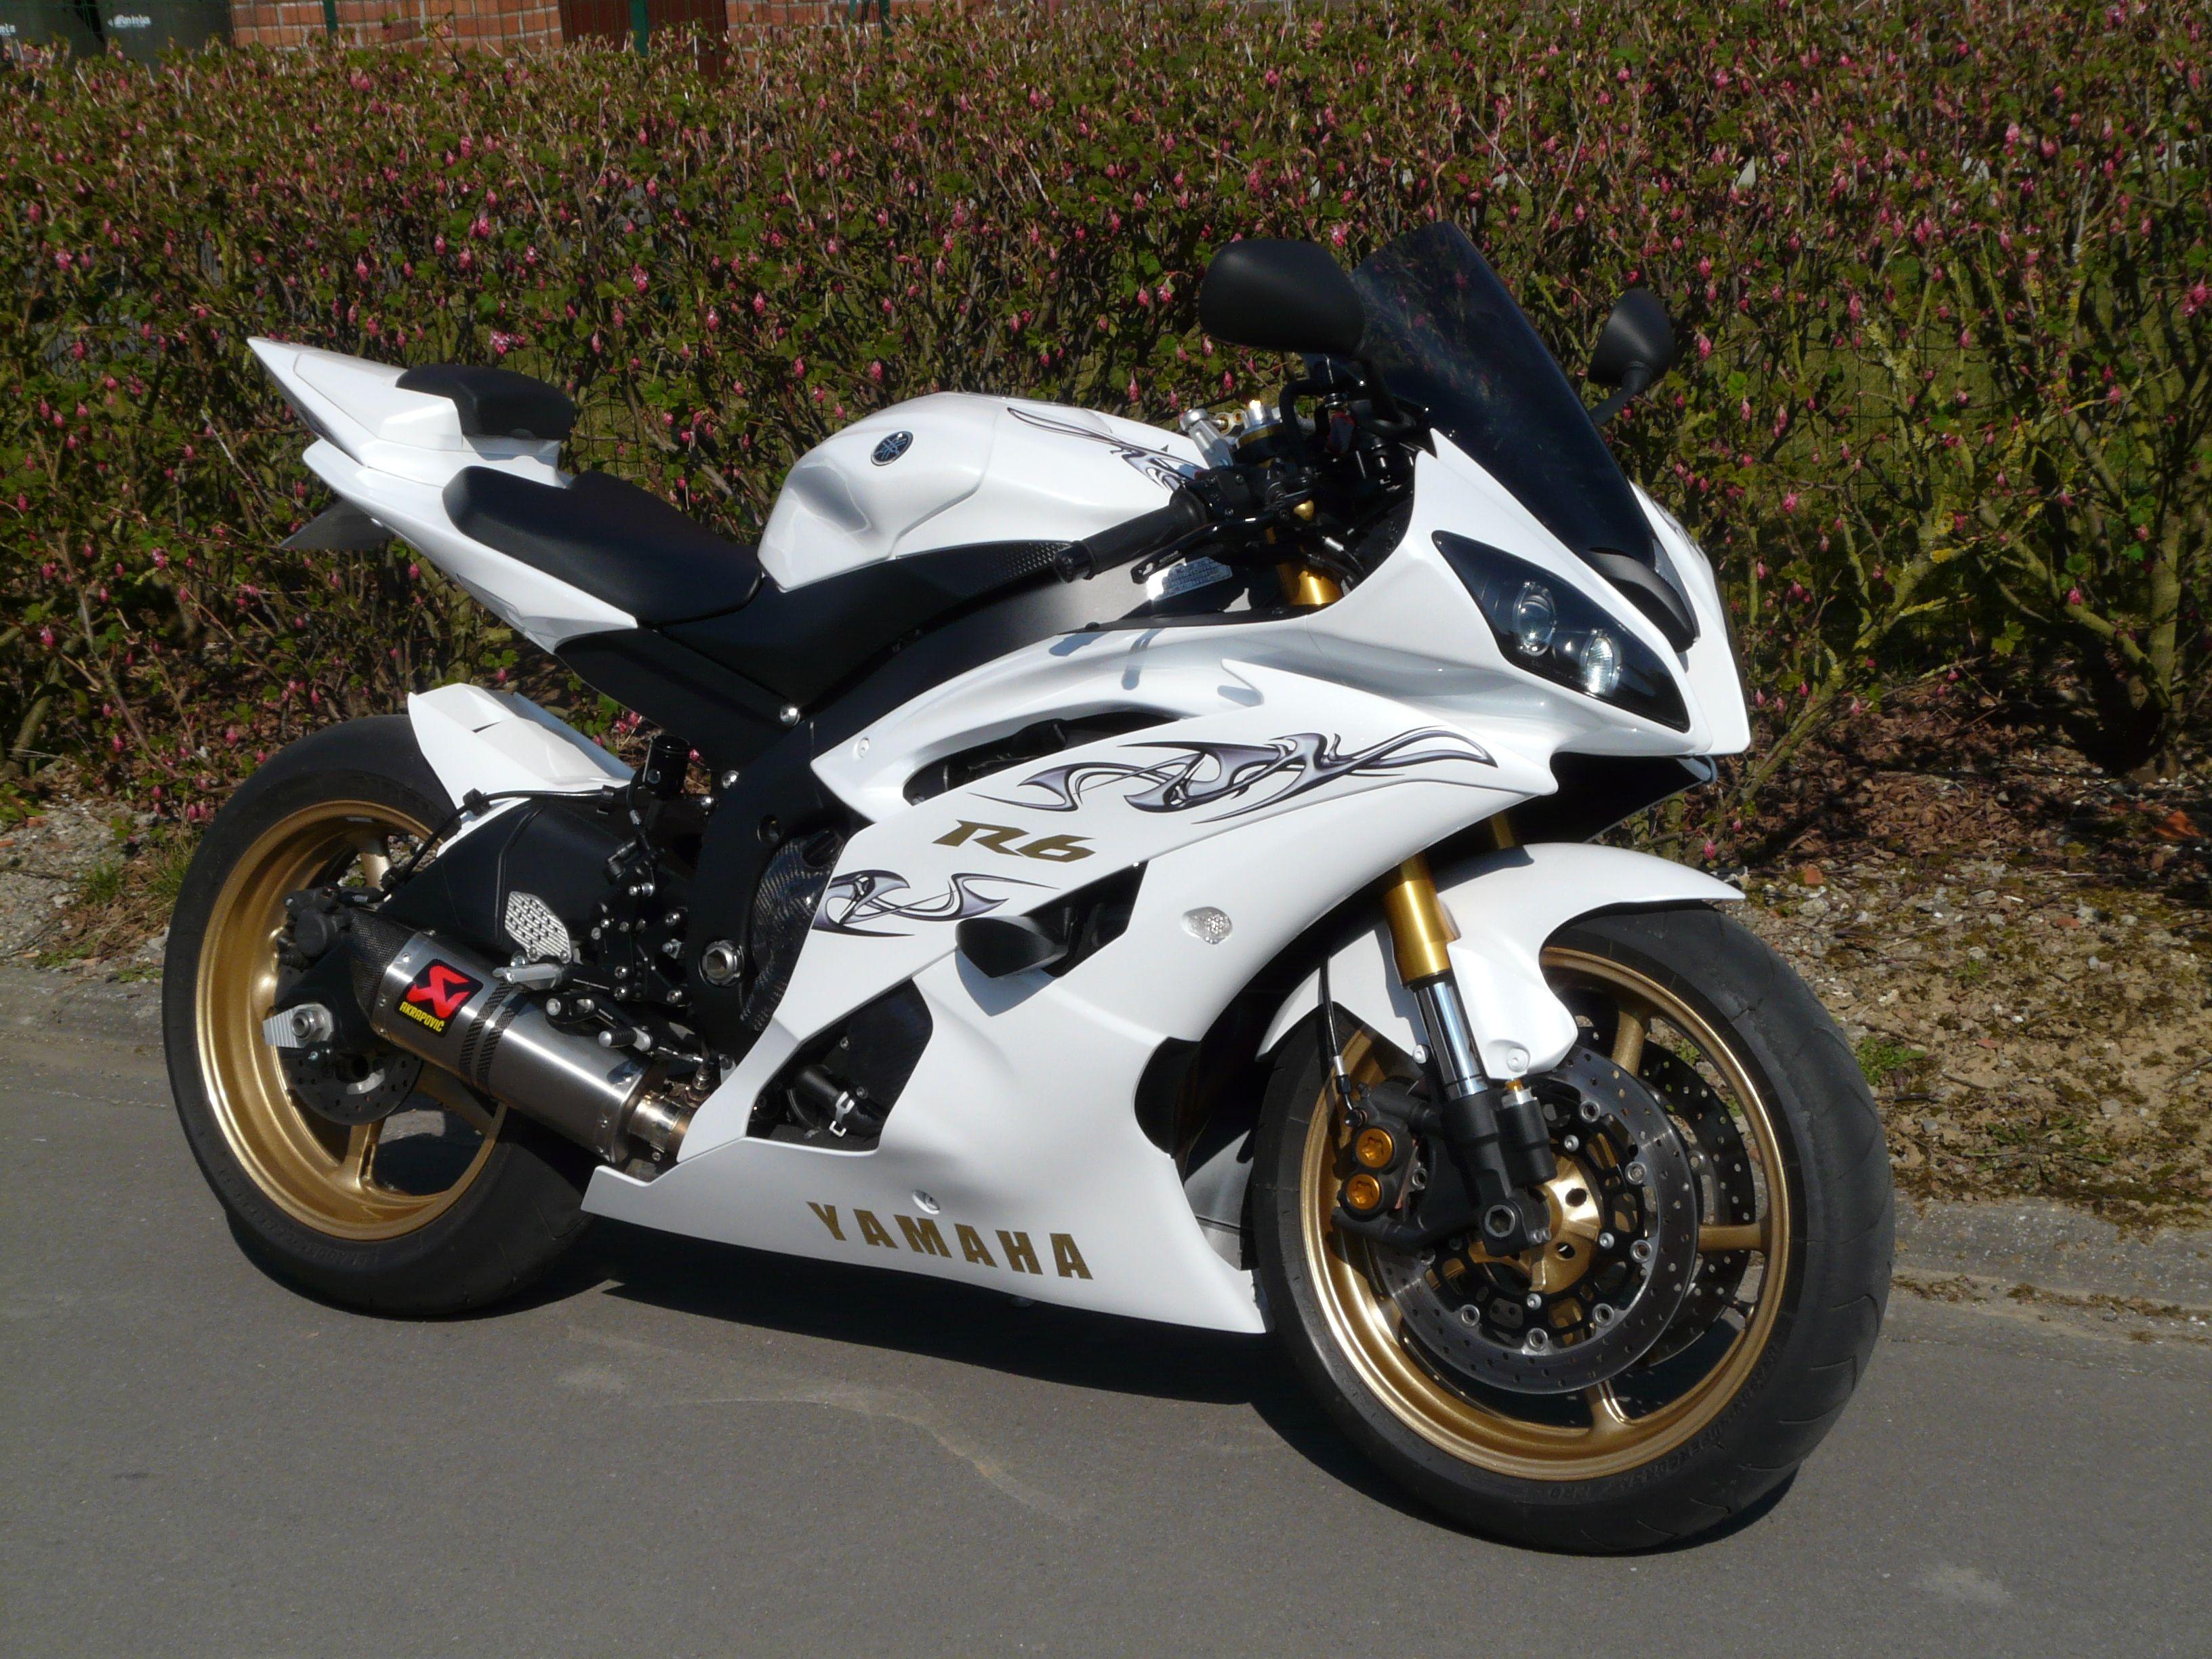 yamaha r white dreams yamaha r racing and bikes yamaha r6 white